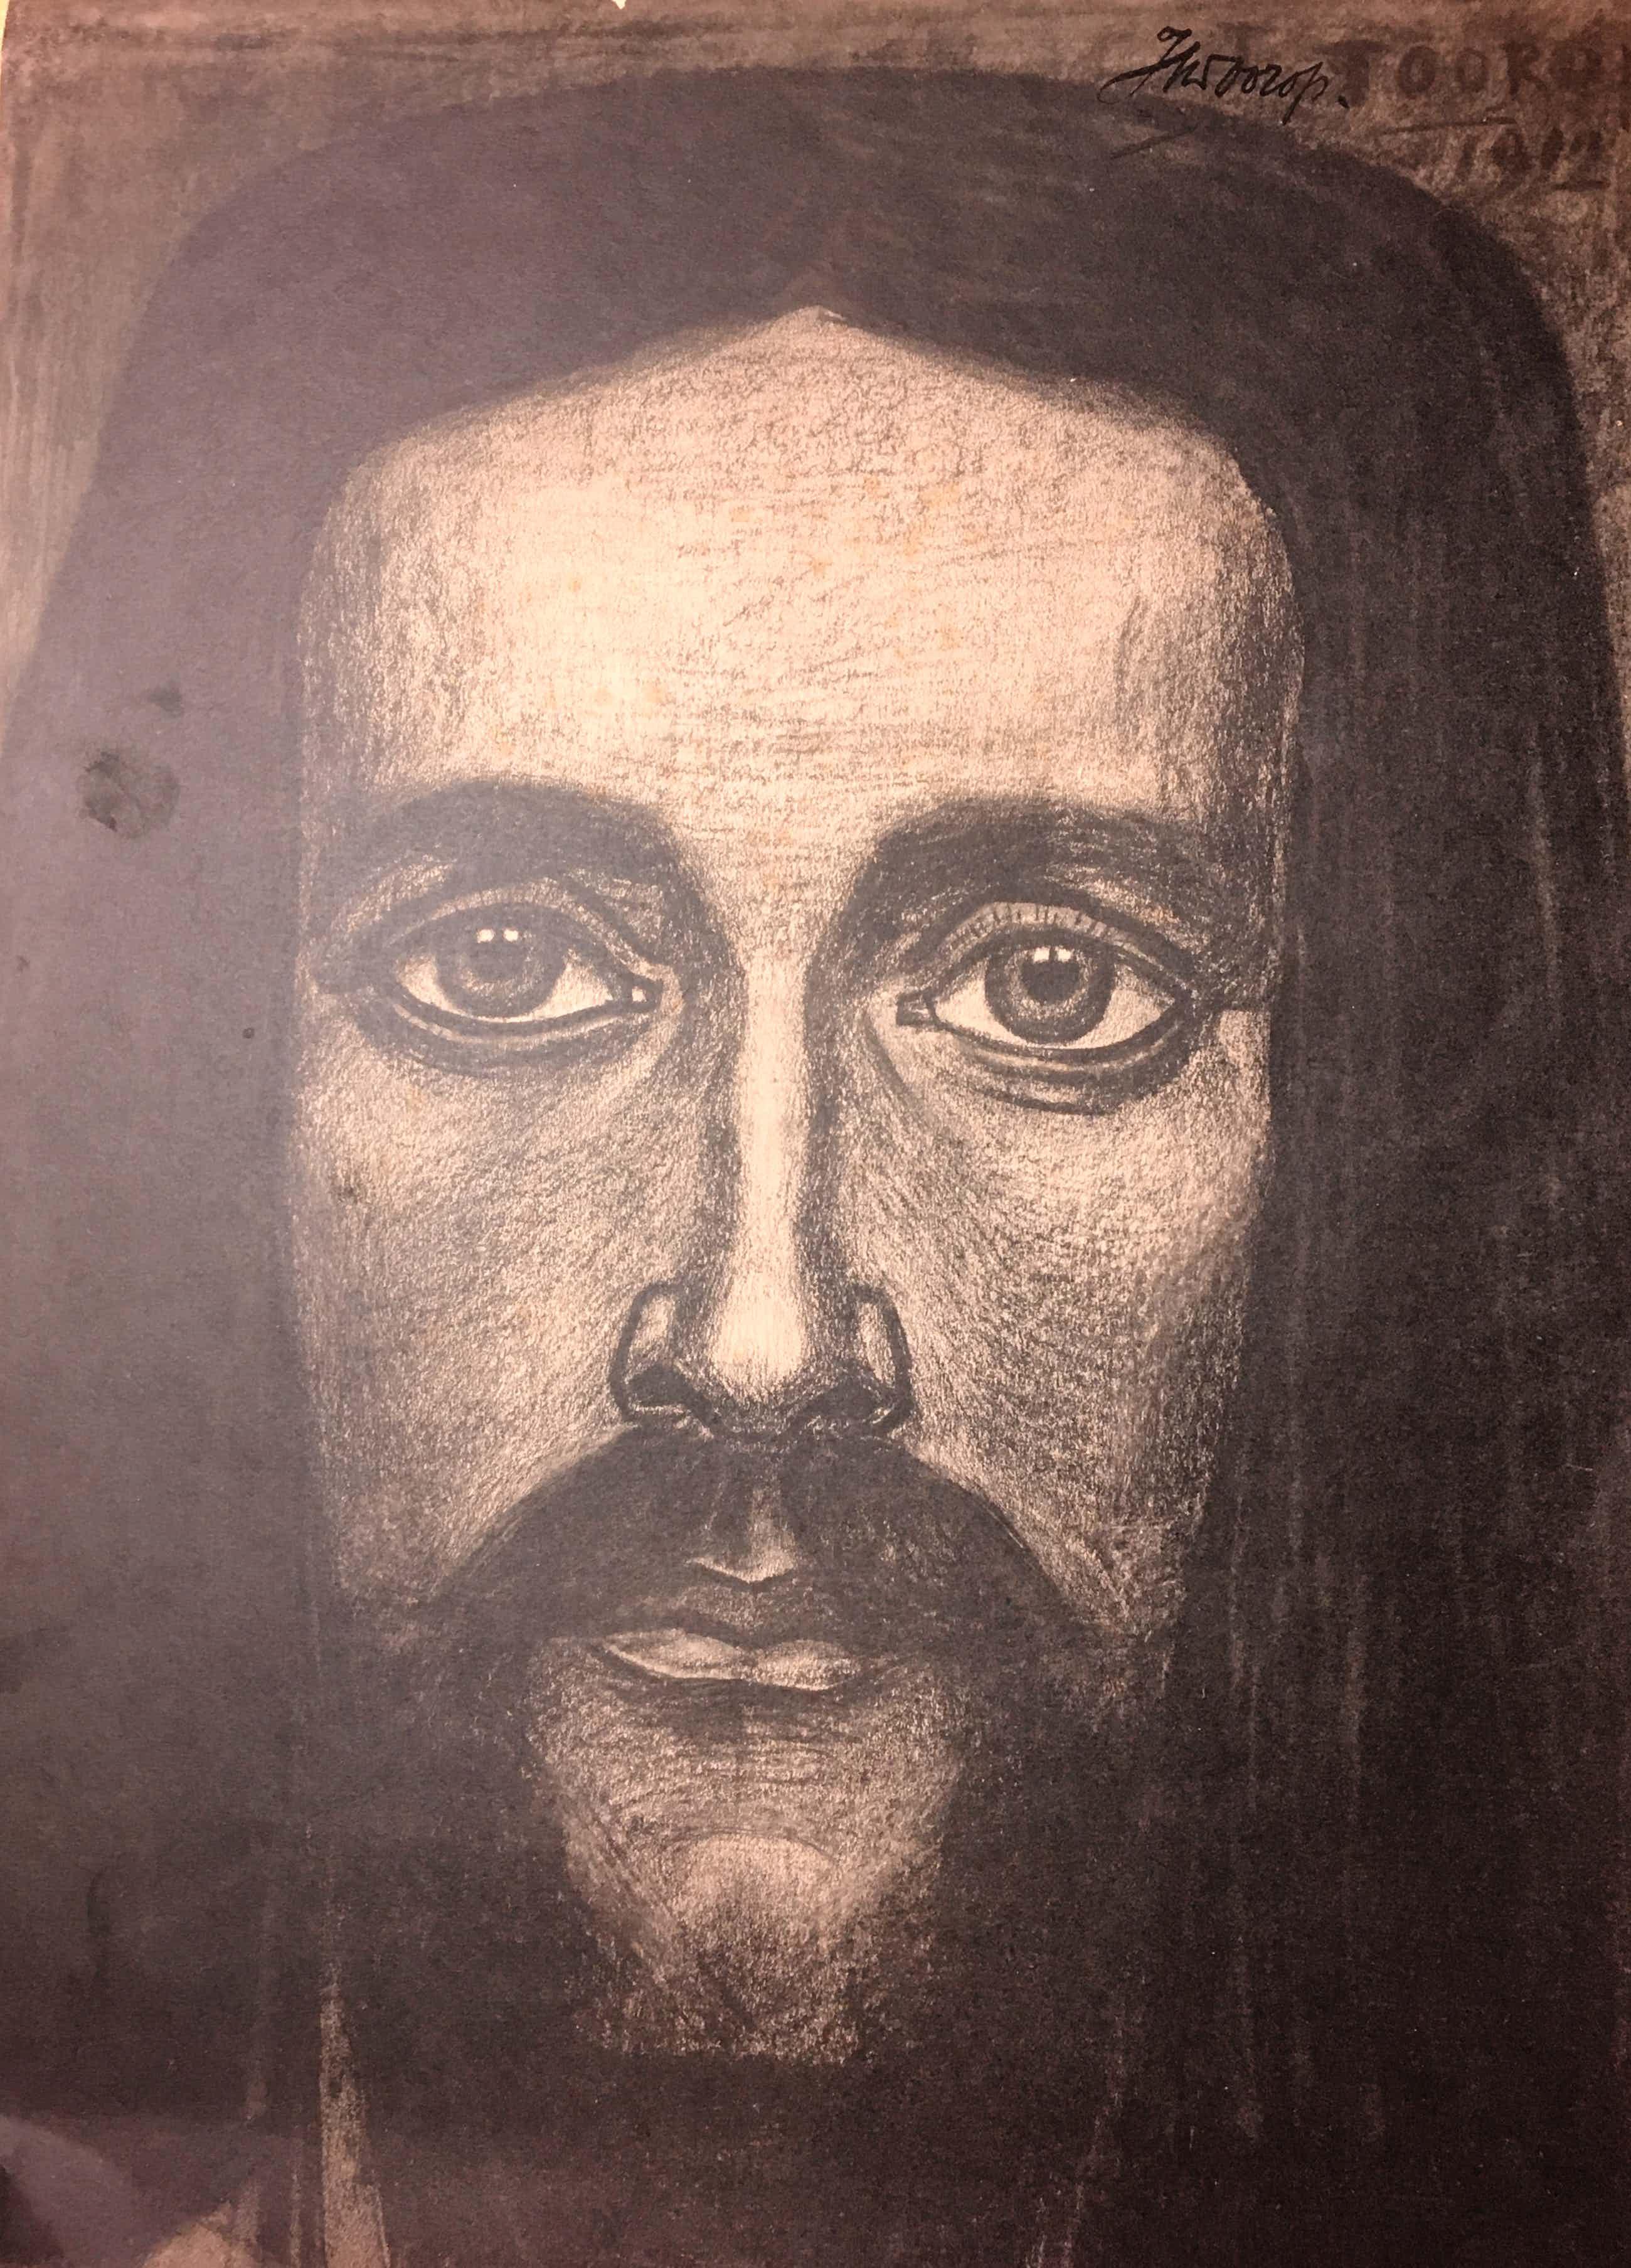 Jan Toorop - Portret kopen? Bied vanaf 85!